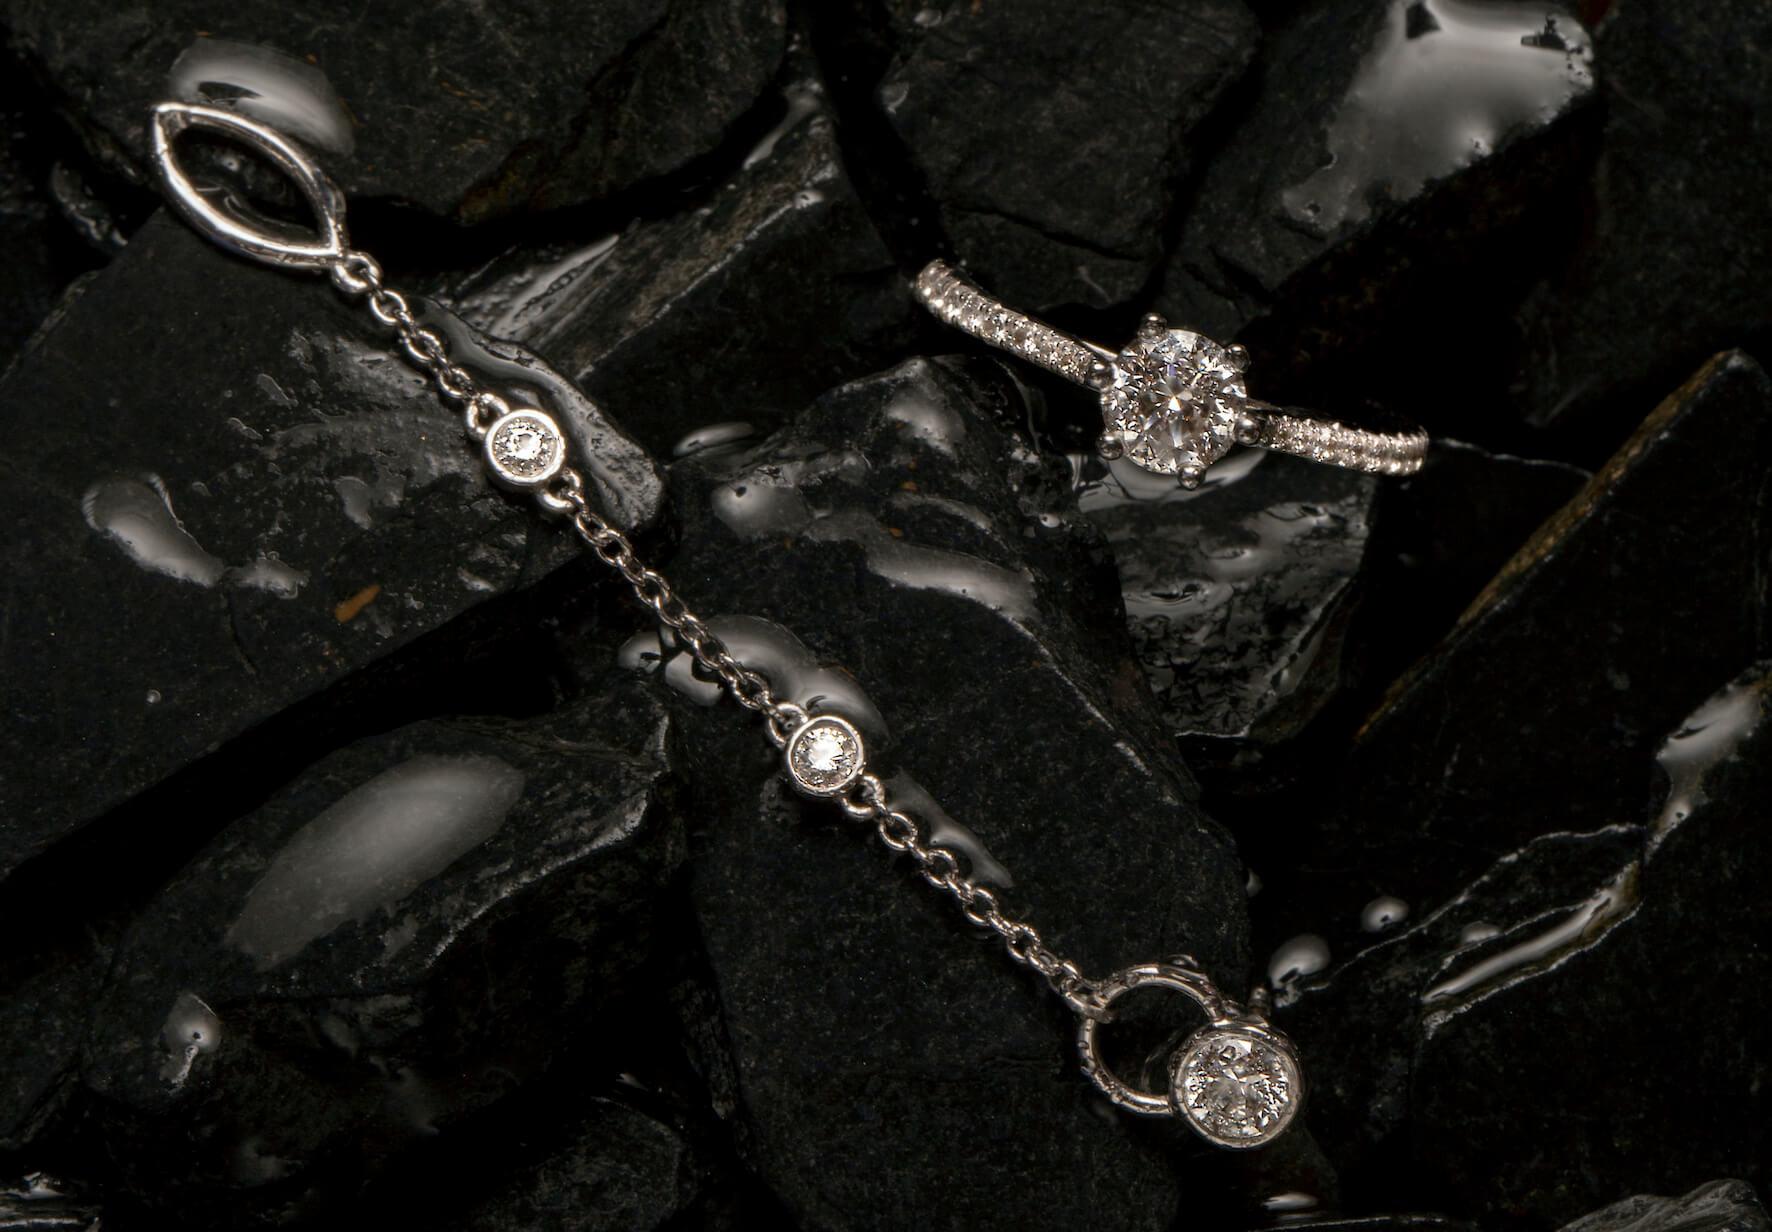 Diamants de Synthèse - Carbon - diamants cultivés en laboratoire - Créations diamants et or recyclé 18K - Courbet